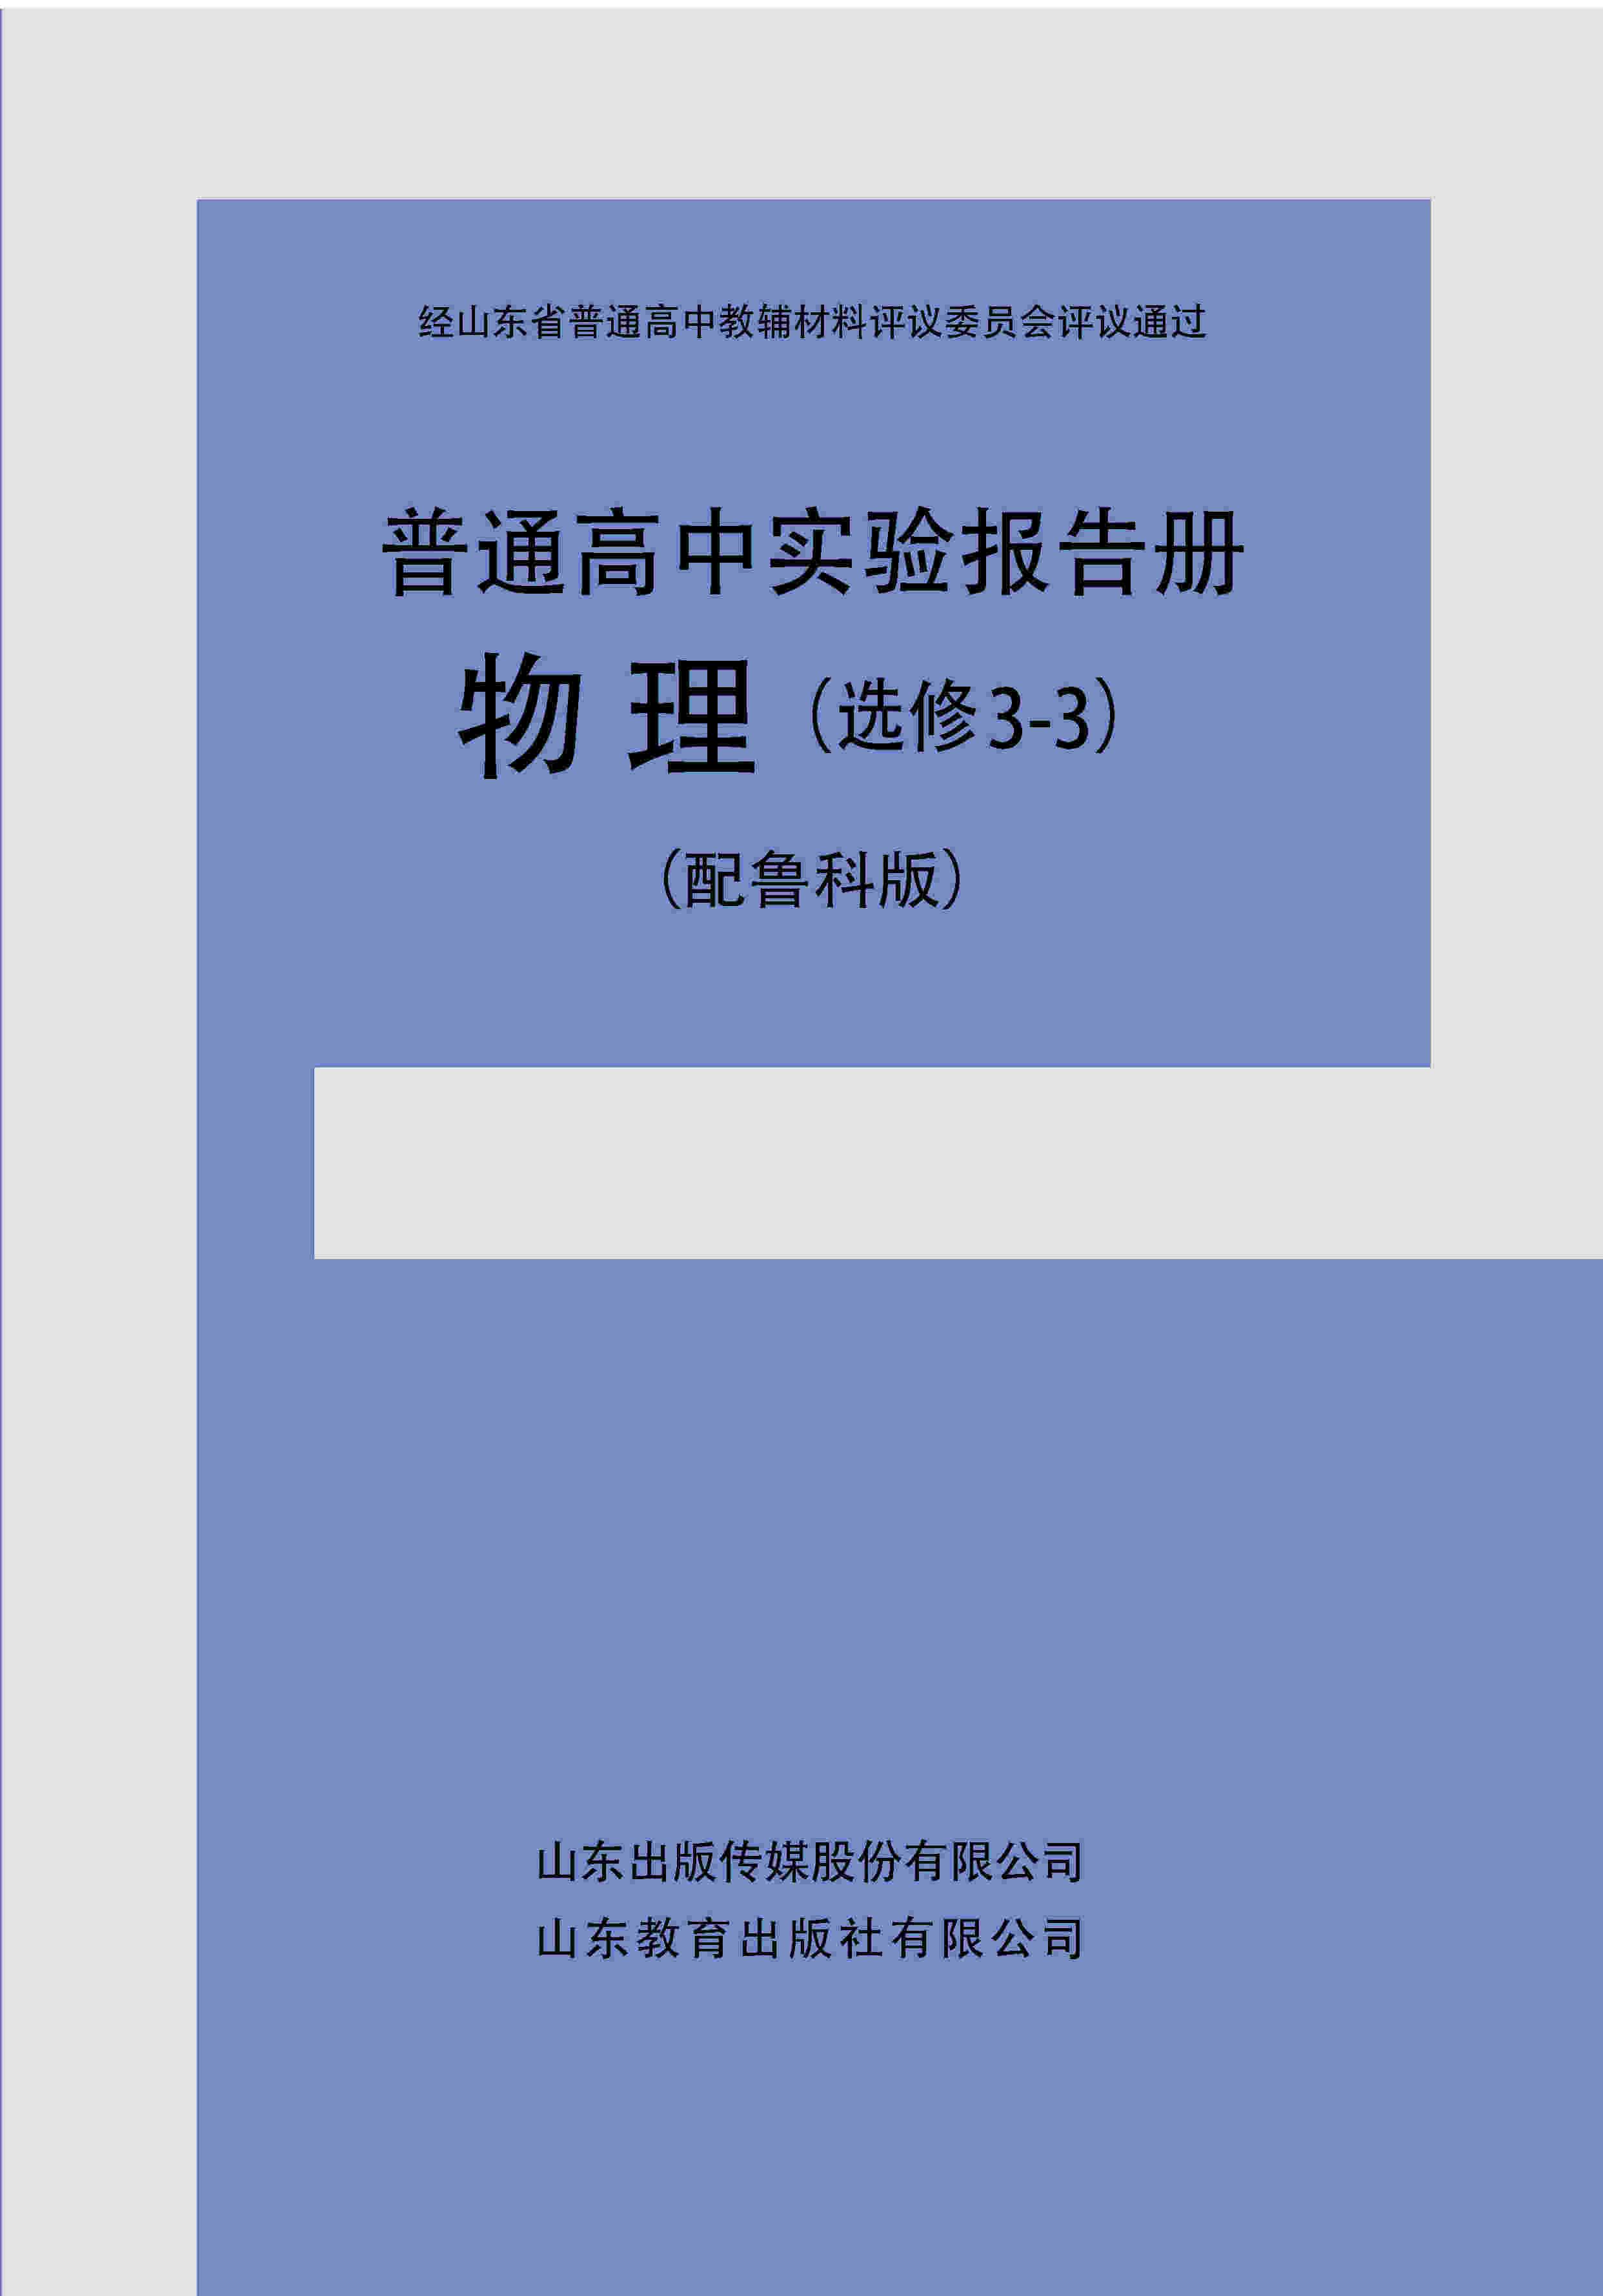 普通高中实验报告册 物理(选修3-3)(配鲁科版)